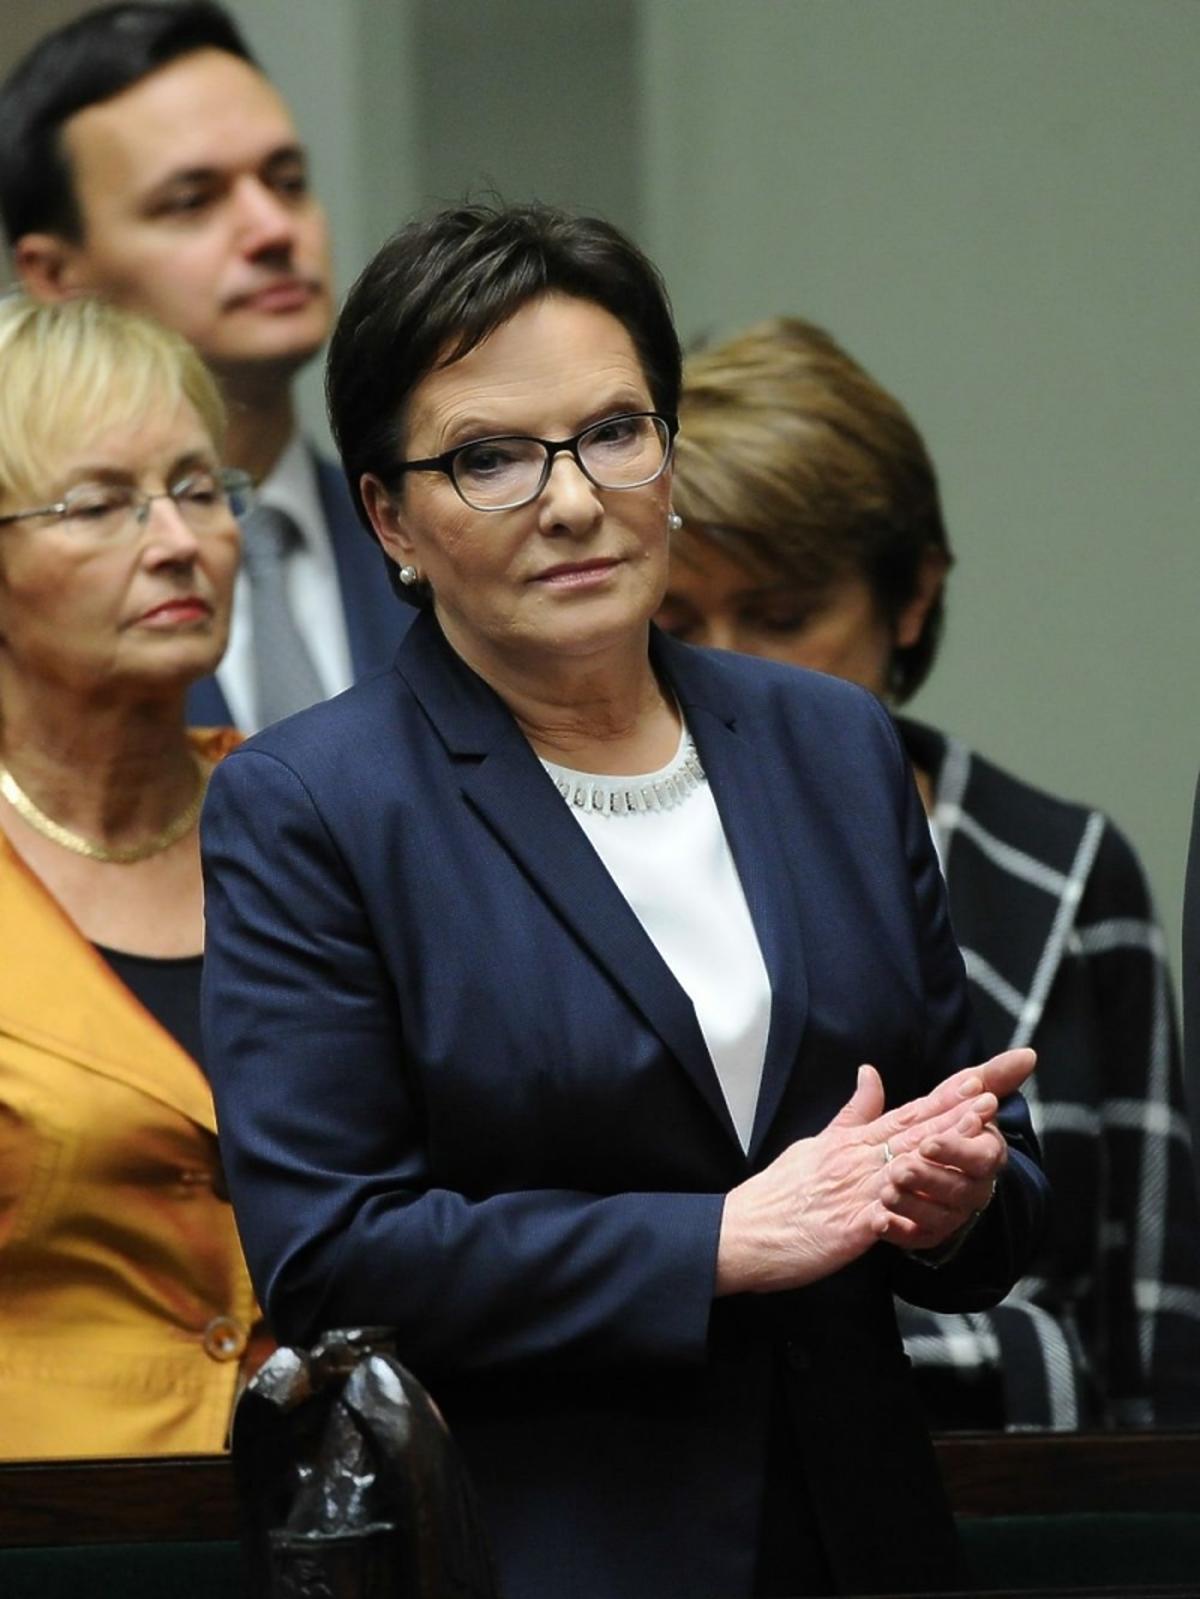 Ewa Kopacz w granatowej marynarce w Sejmie